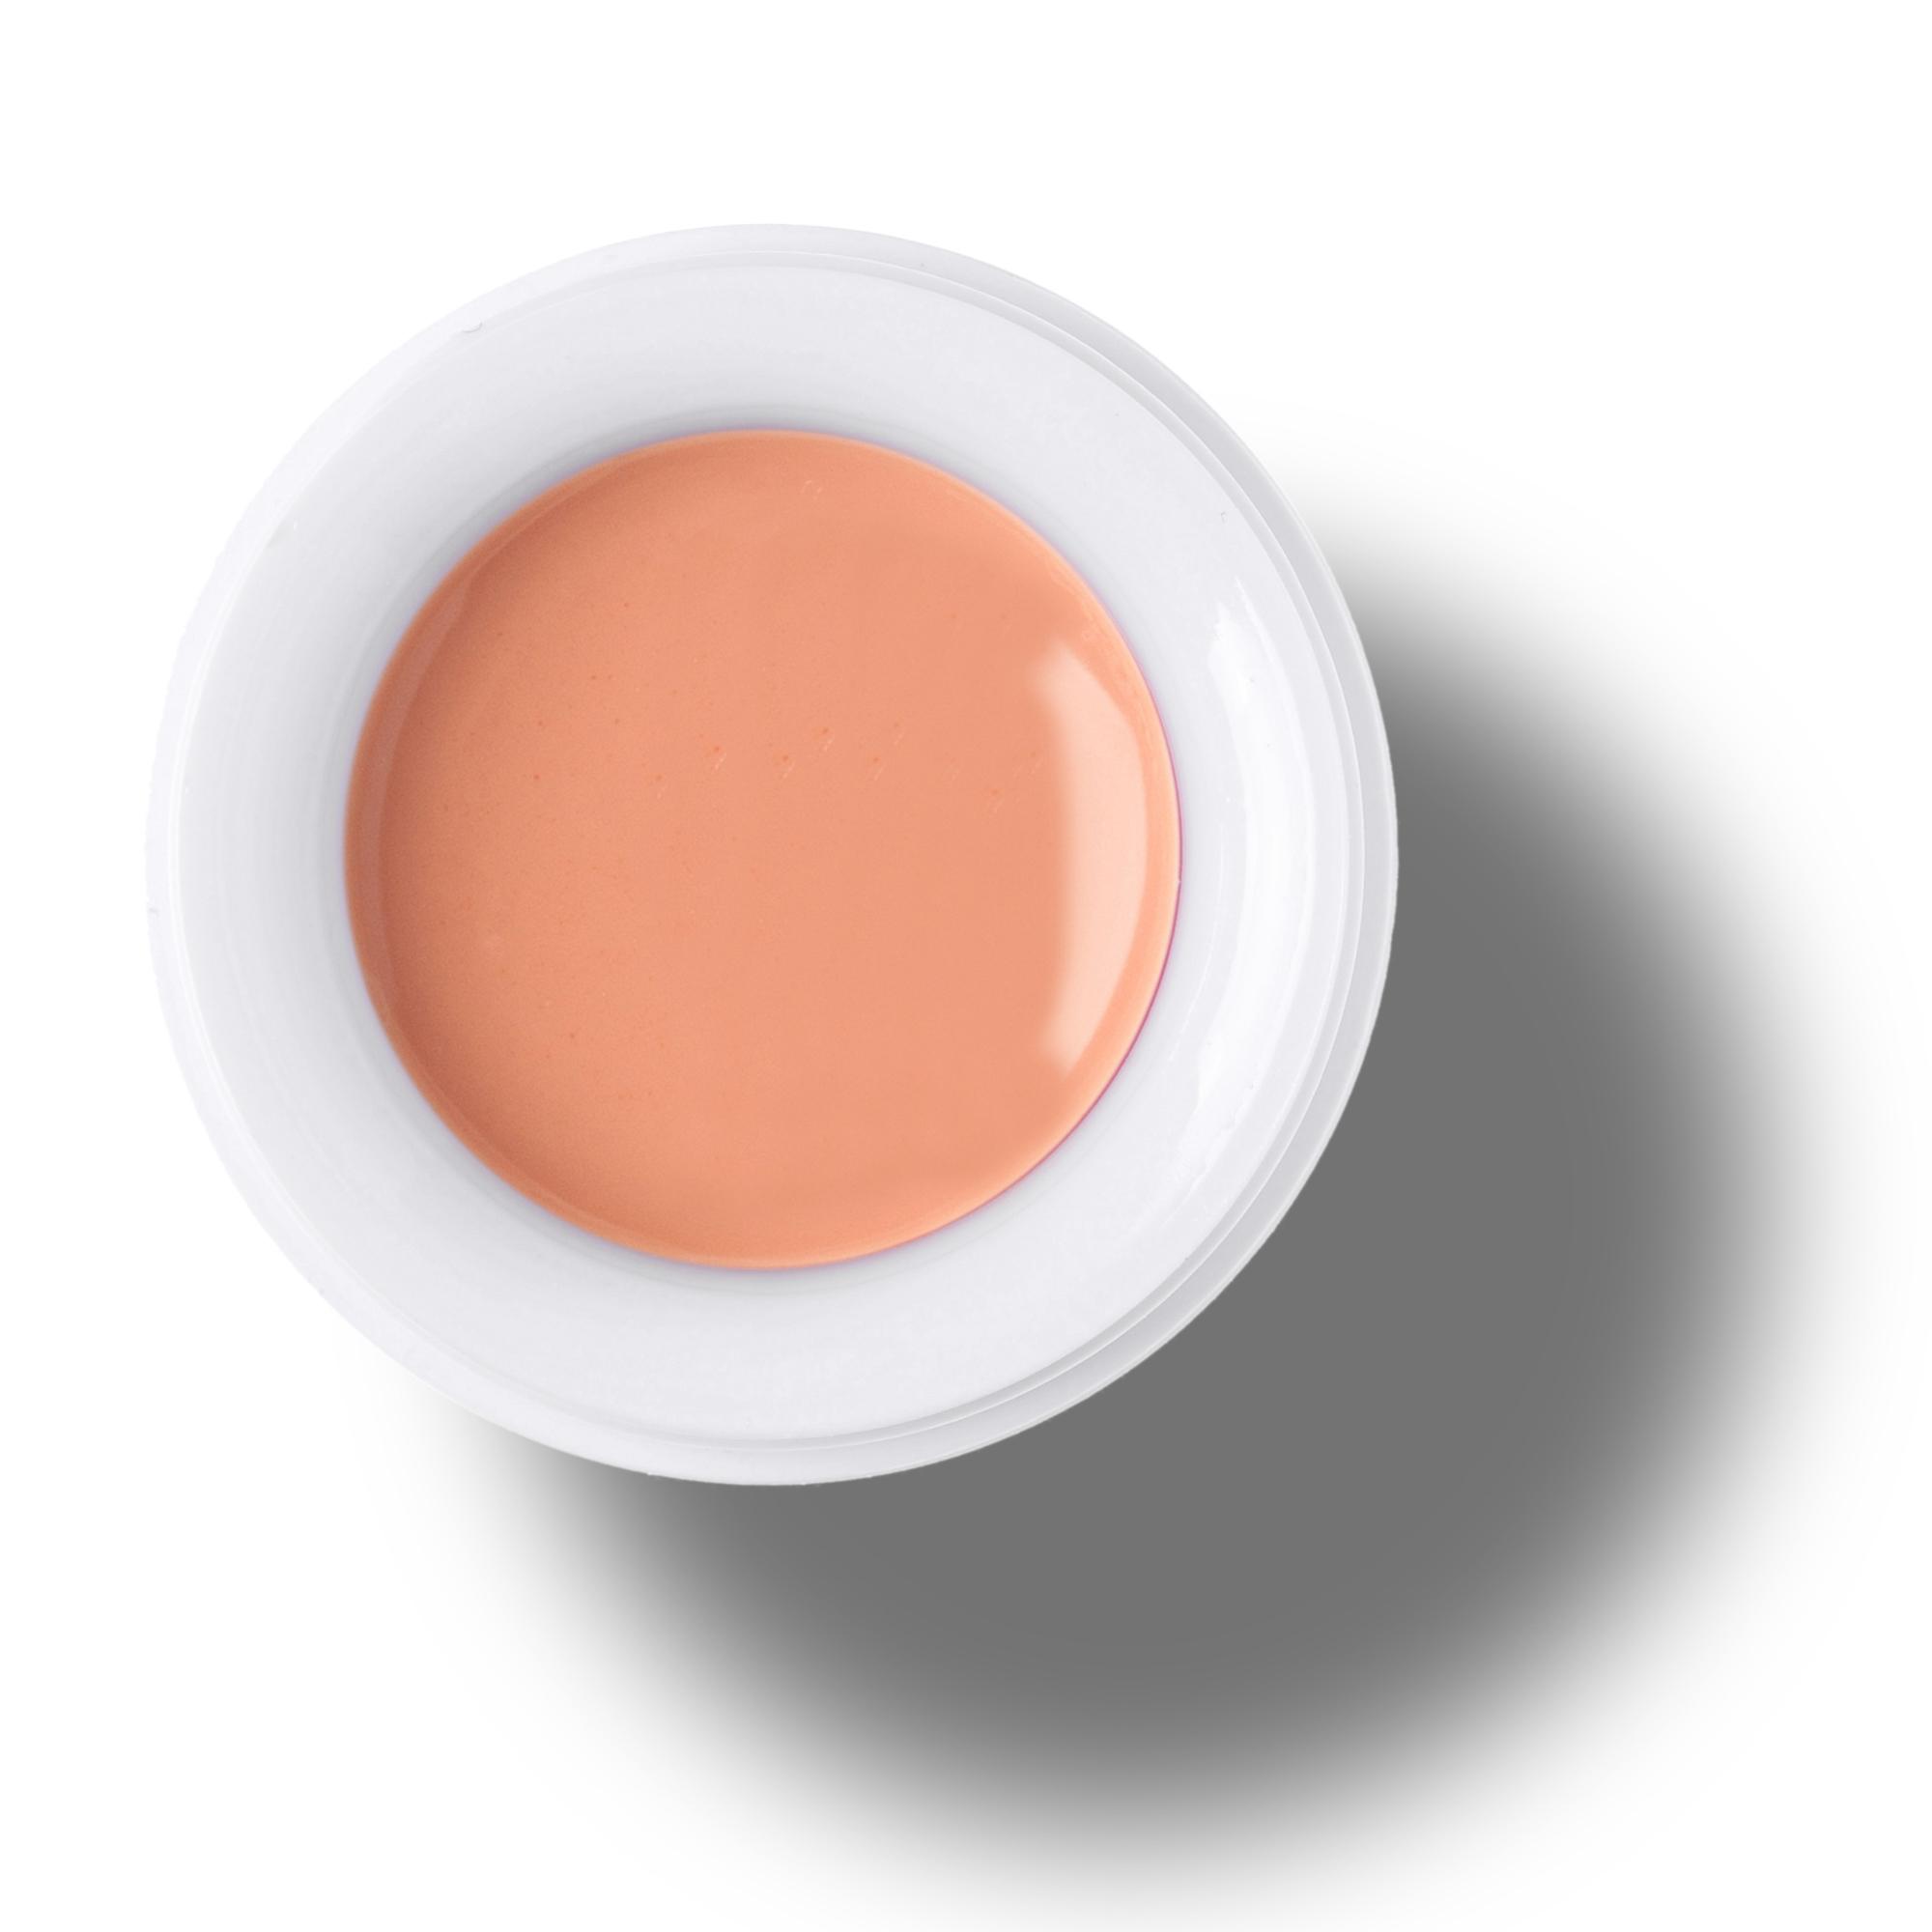 Korres Makeup Jasmine Lip Butter